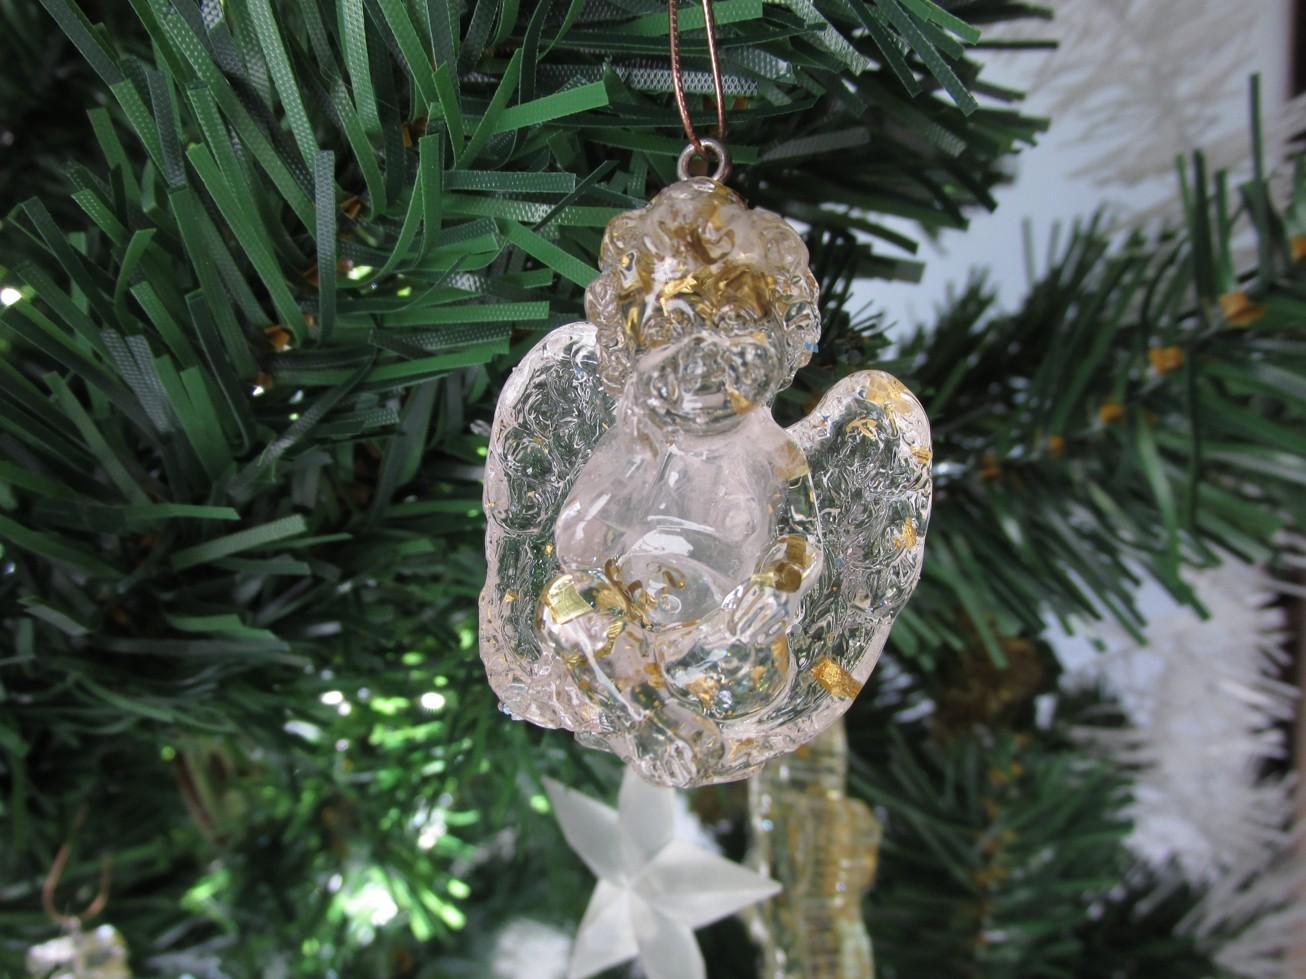 Orgonitový andílek s růženínem v bříšku (vhodný i jako vánoční ozdoba)